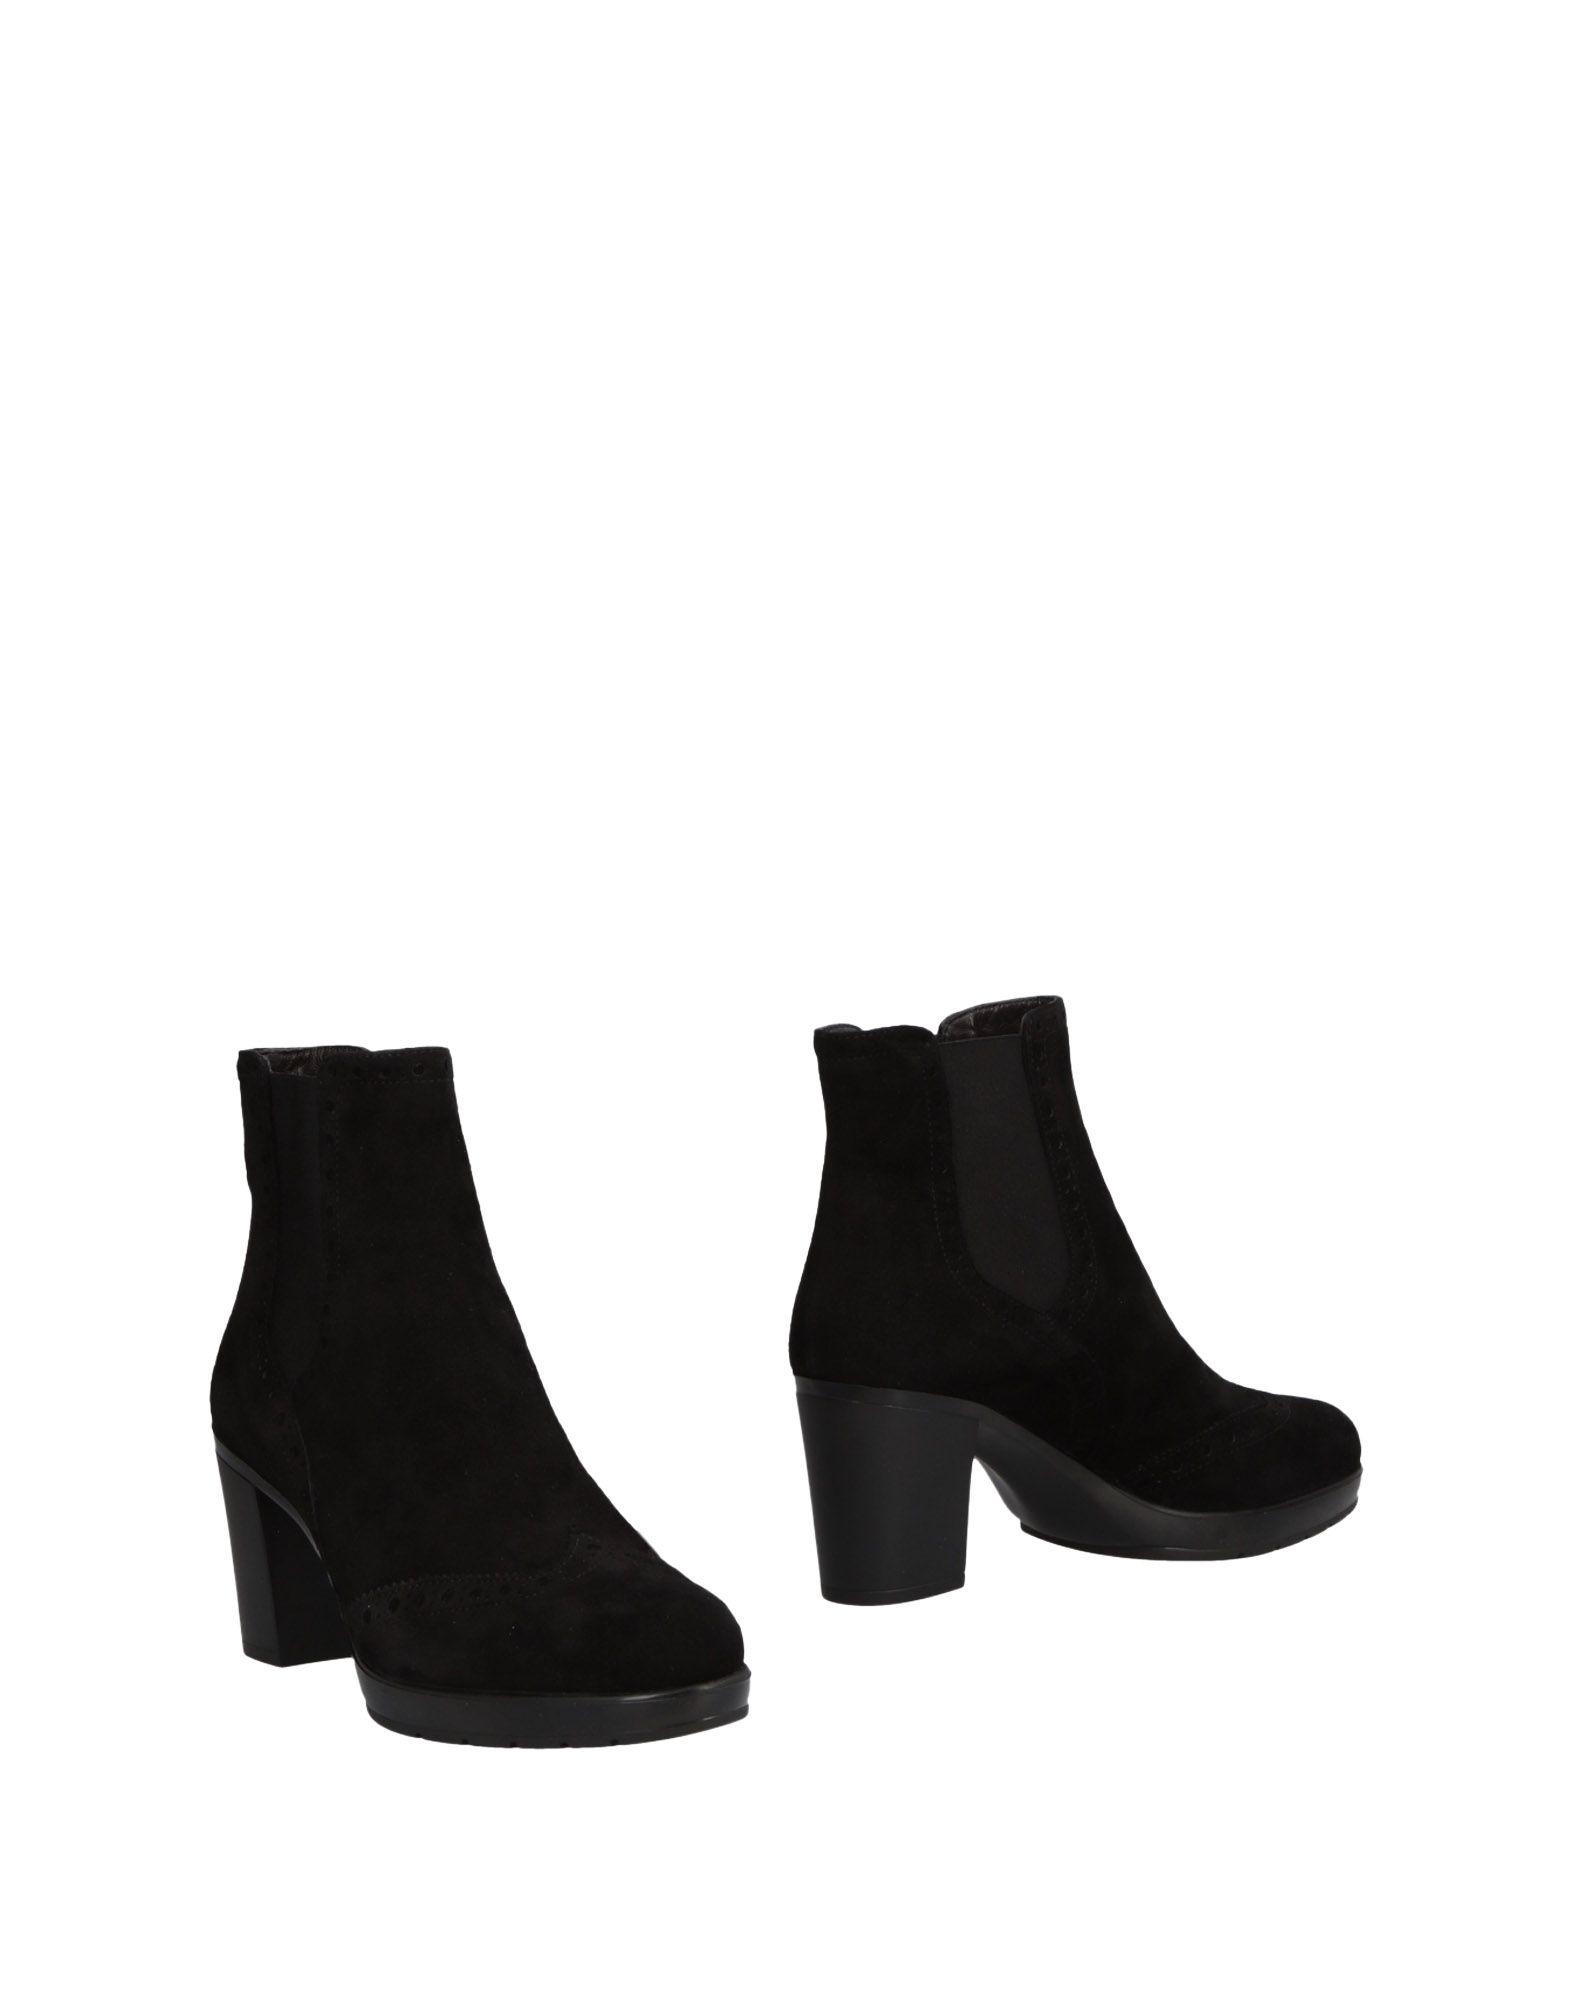 Triver Flight Chelsea 11305822GD Boots Damen  11305822GD Chelsea Gute Qualität beliebte Schuhe 55cdd7